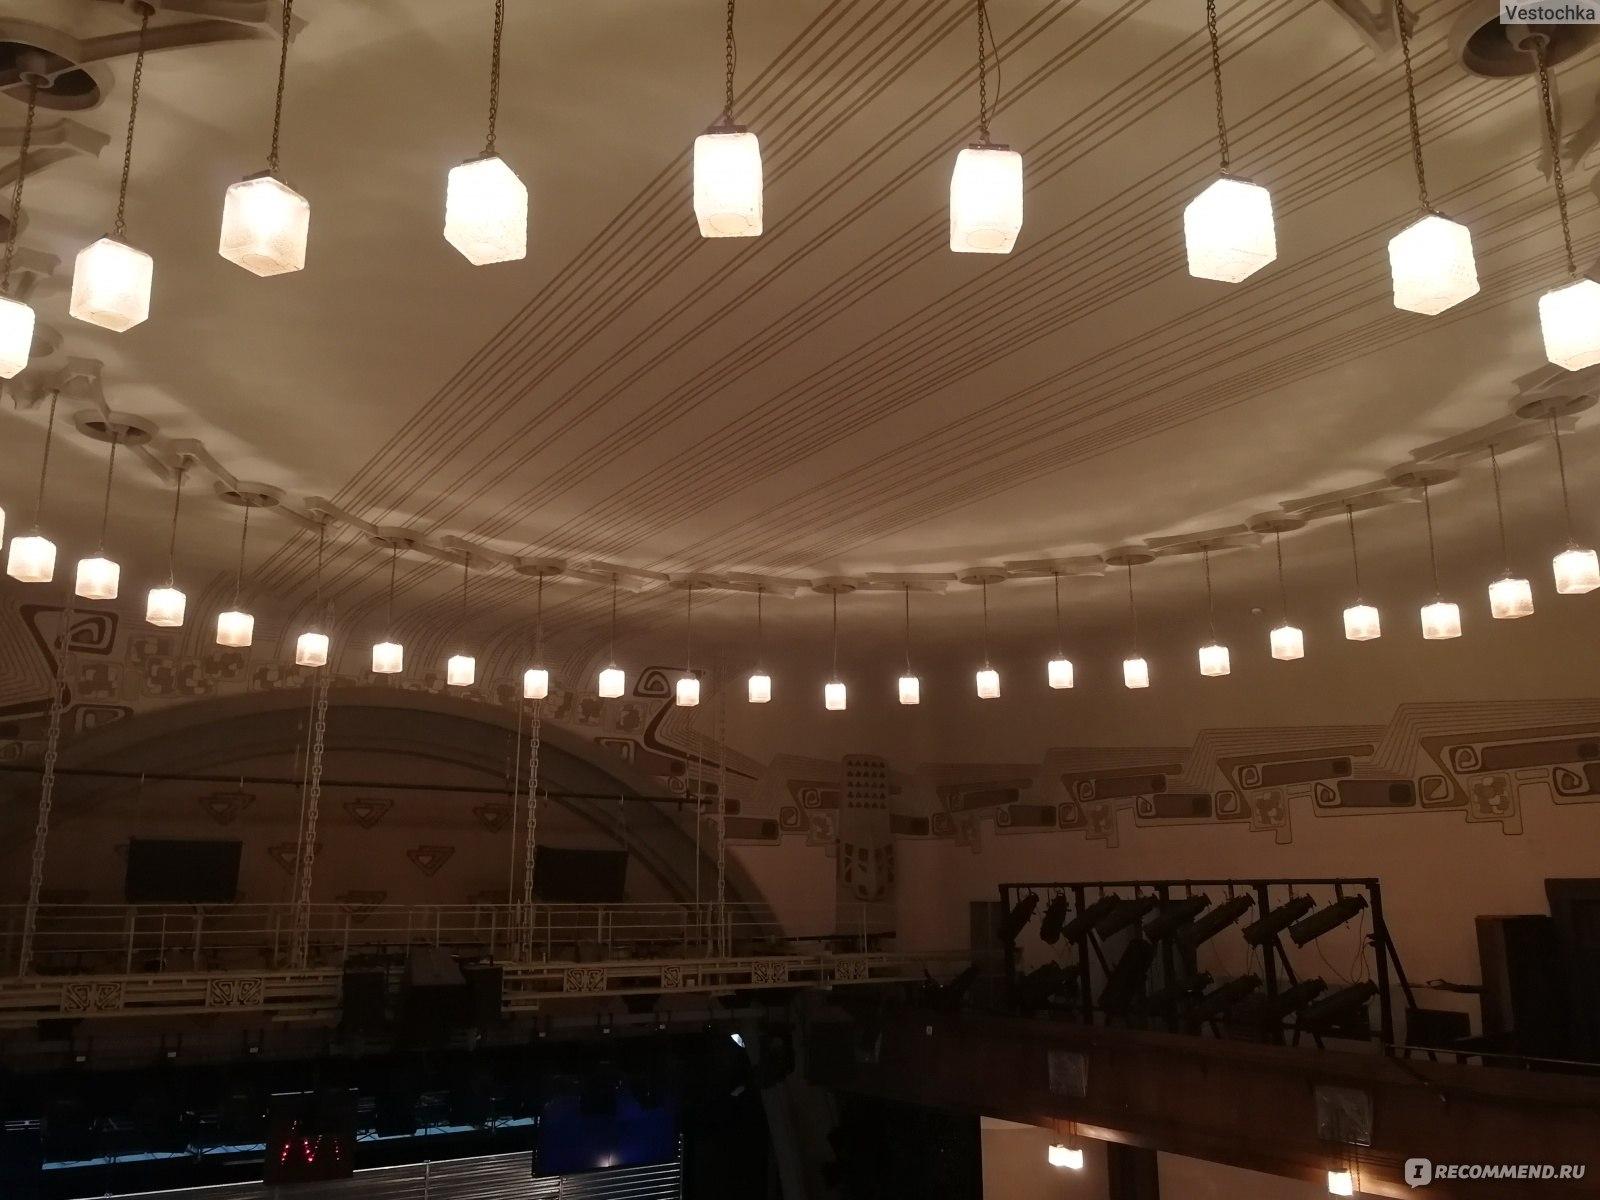 Театр им чехова купить билет купить билеты в театр оперы минск